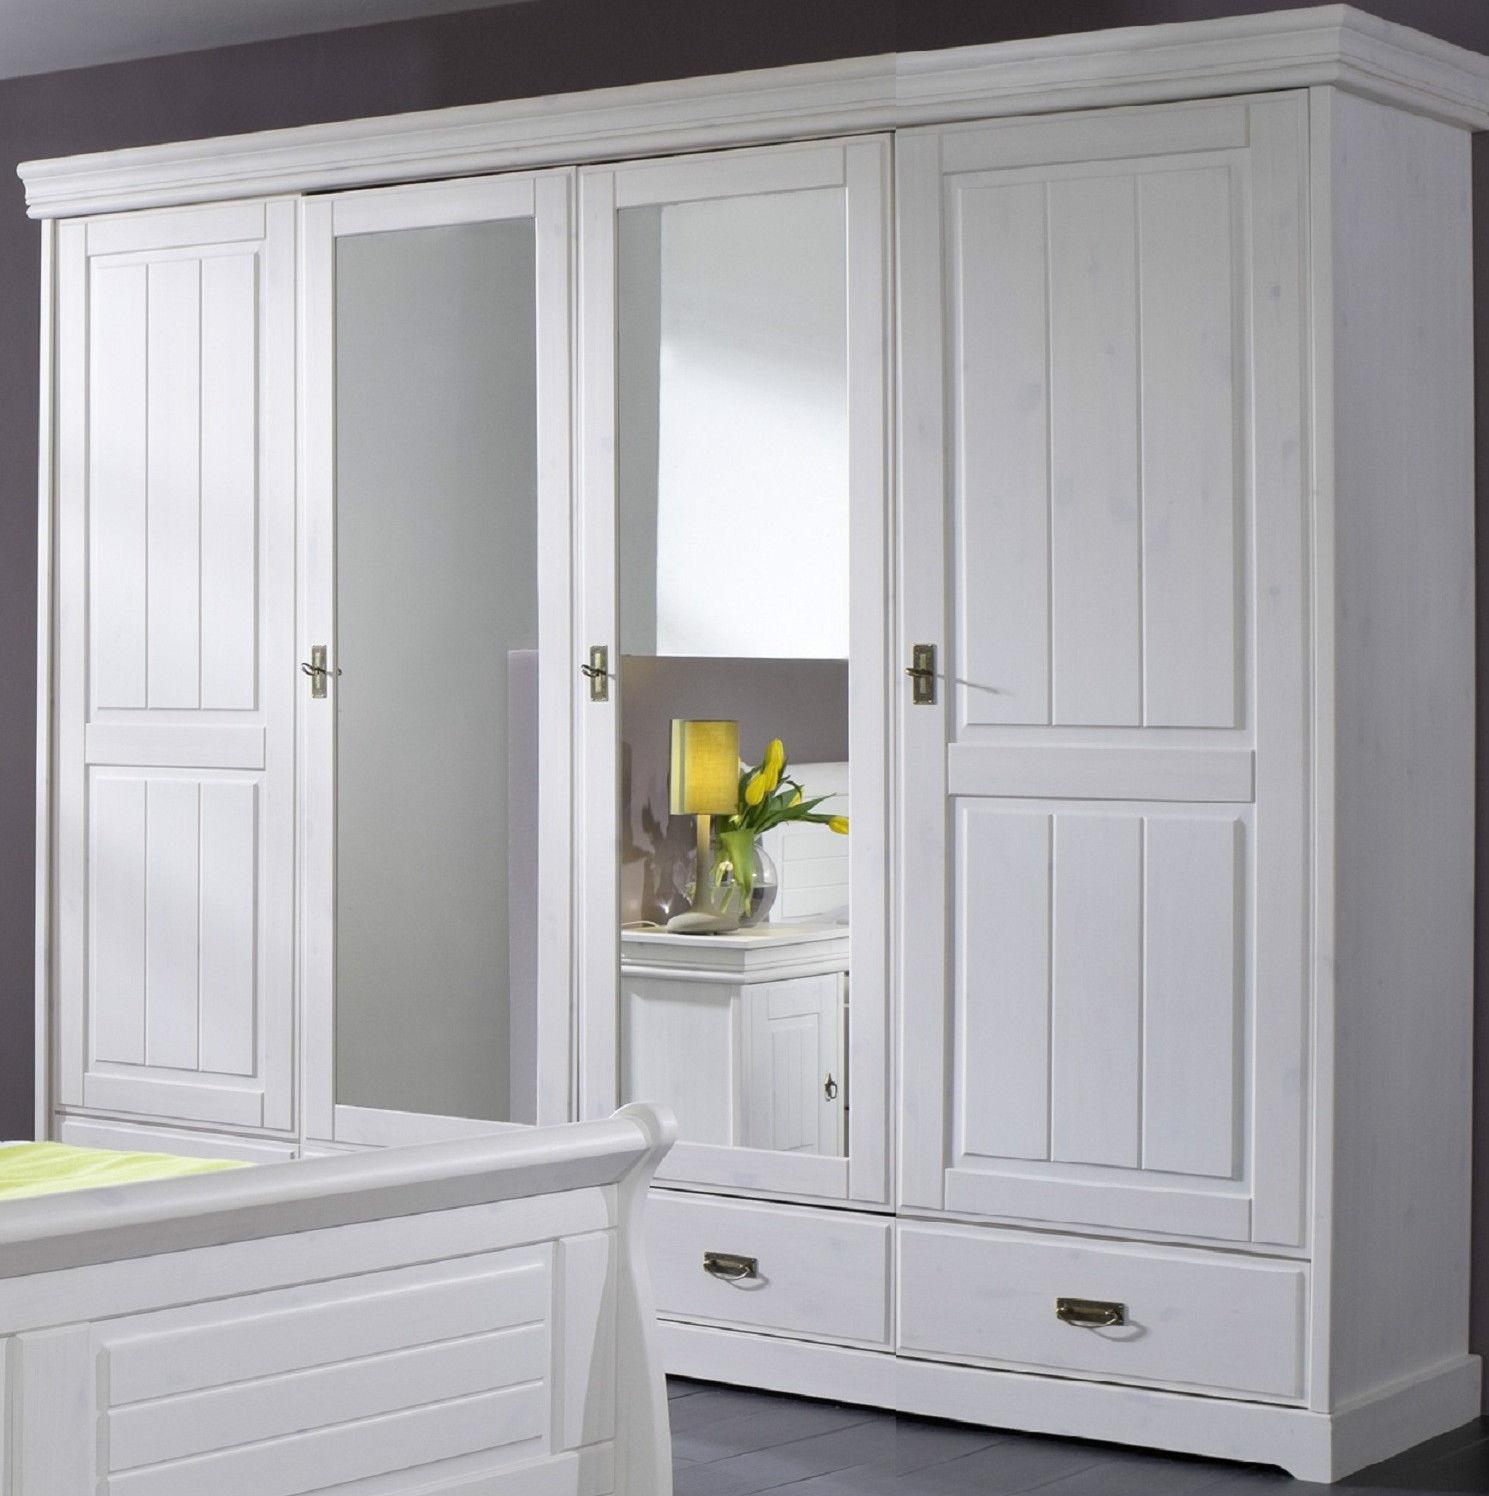 Kleiderschrank Landhausstil sofort Lieferbar & Günstig   Main Möbel